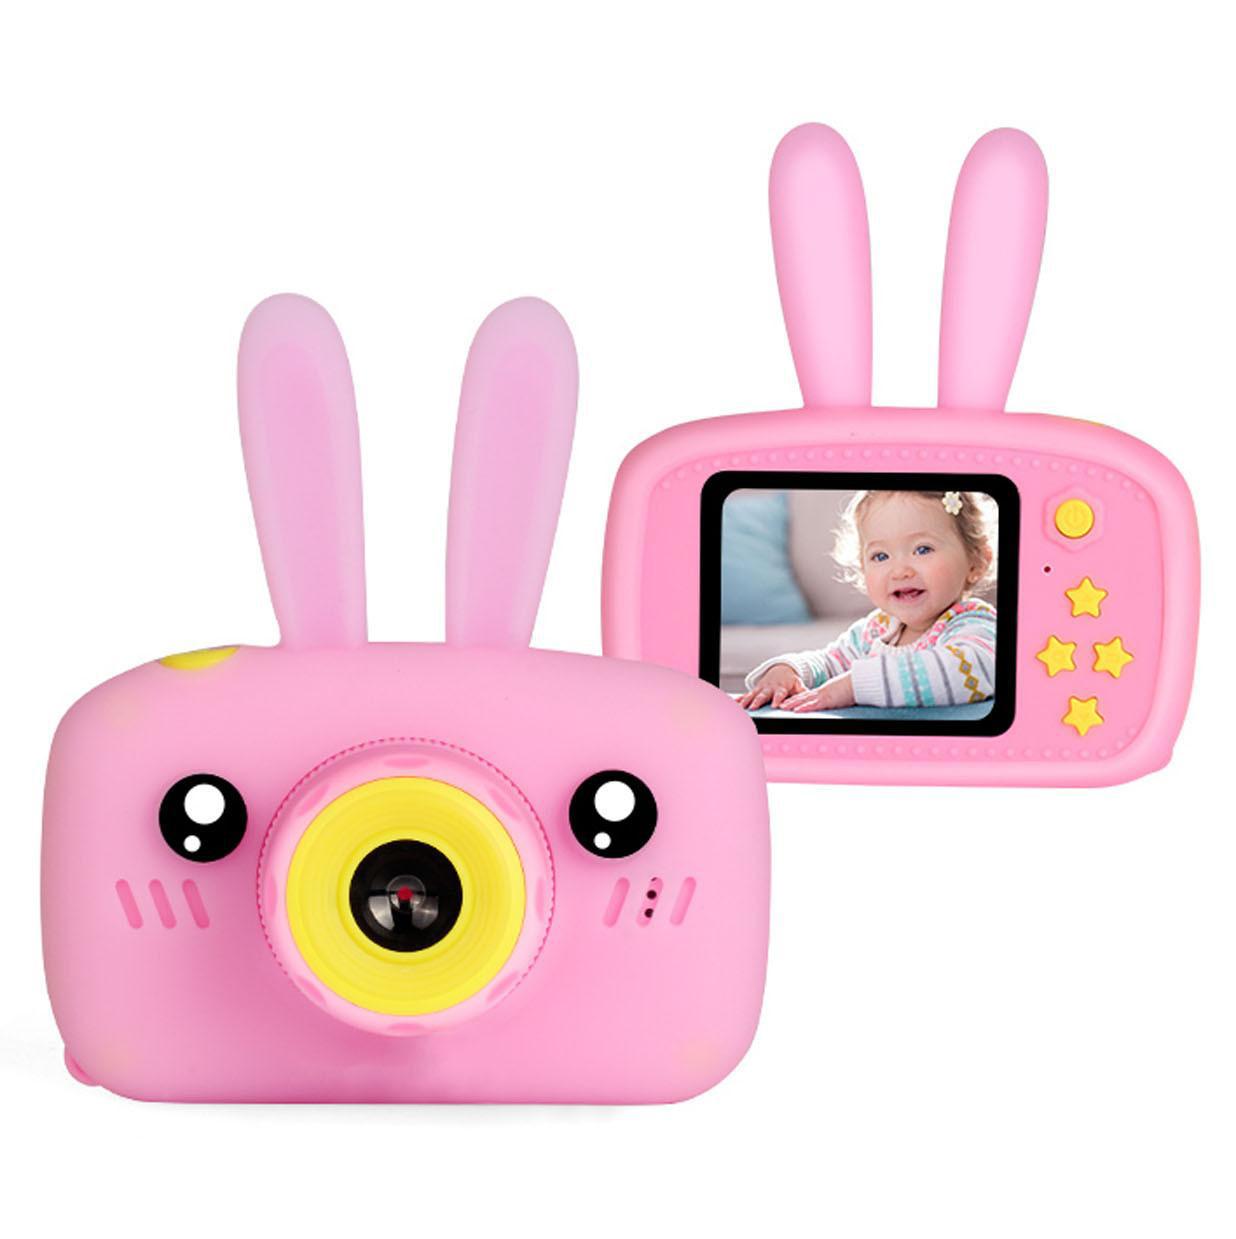 Детская Фото-видеокамера Bordo с ушками 1200P, дисплей 2.0 HD F4 Pink